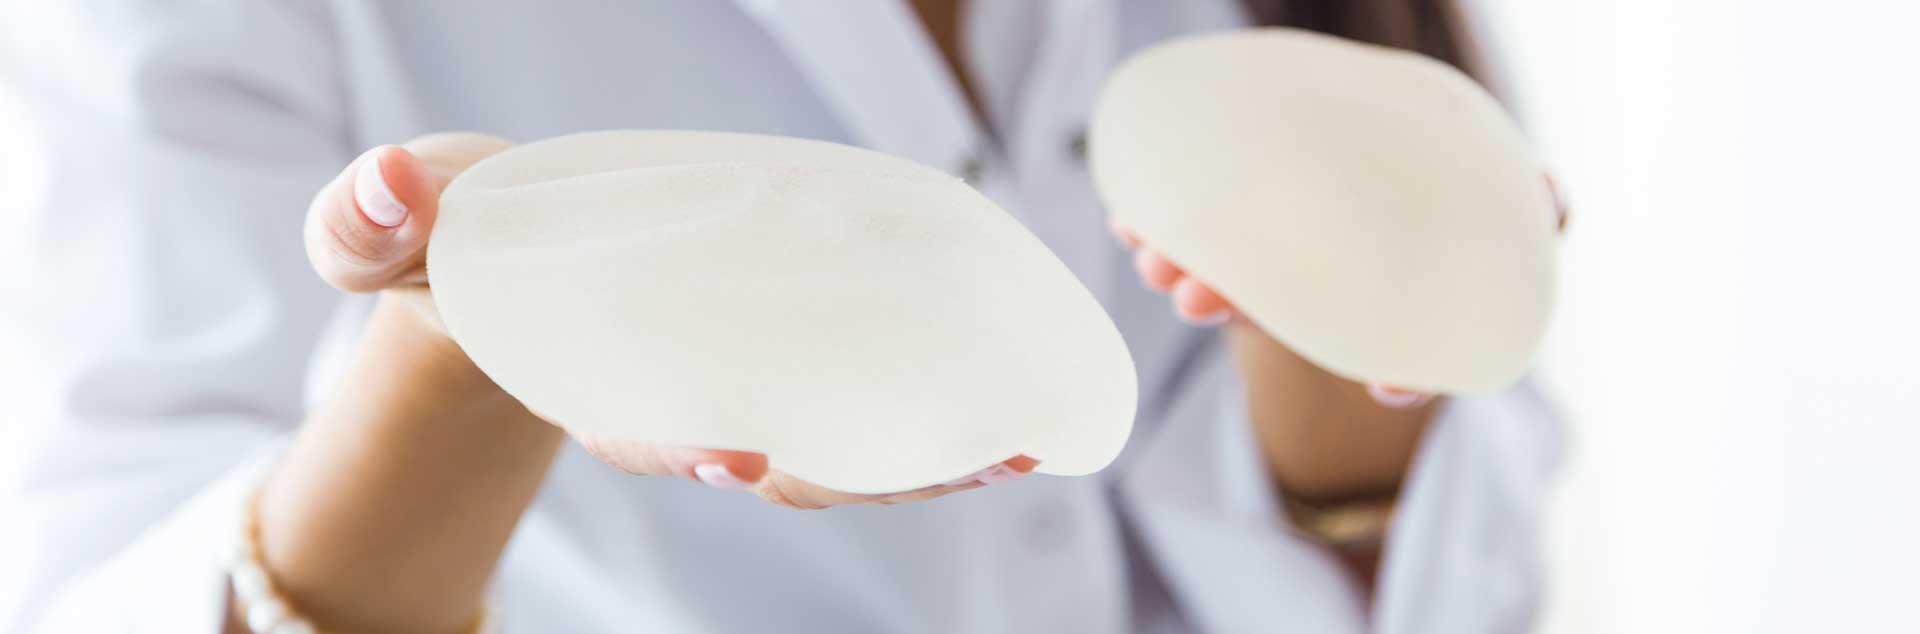 Brustvergrößerung Mit Implantate Ablauf Kosten Dr Gunter Arco